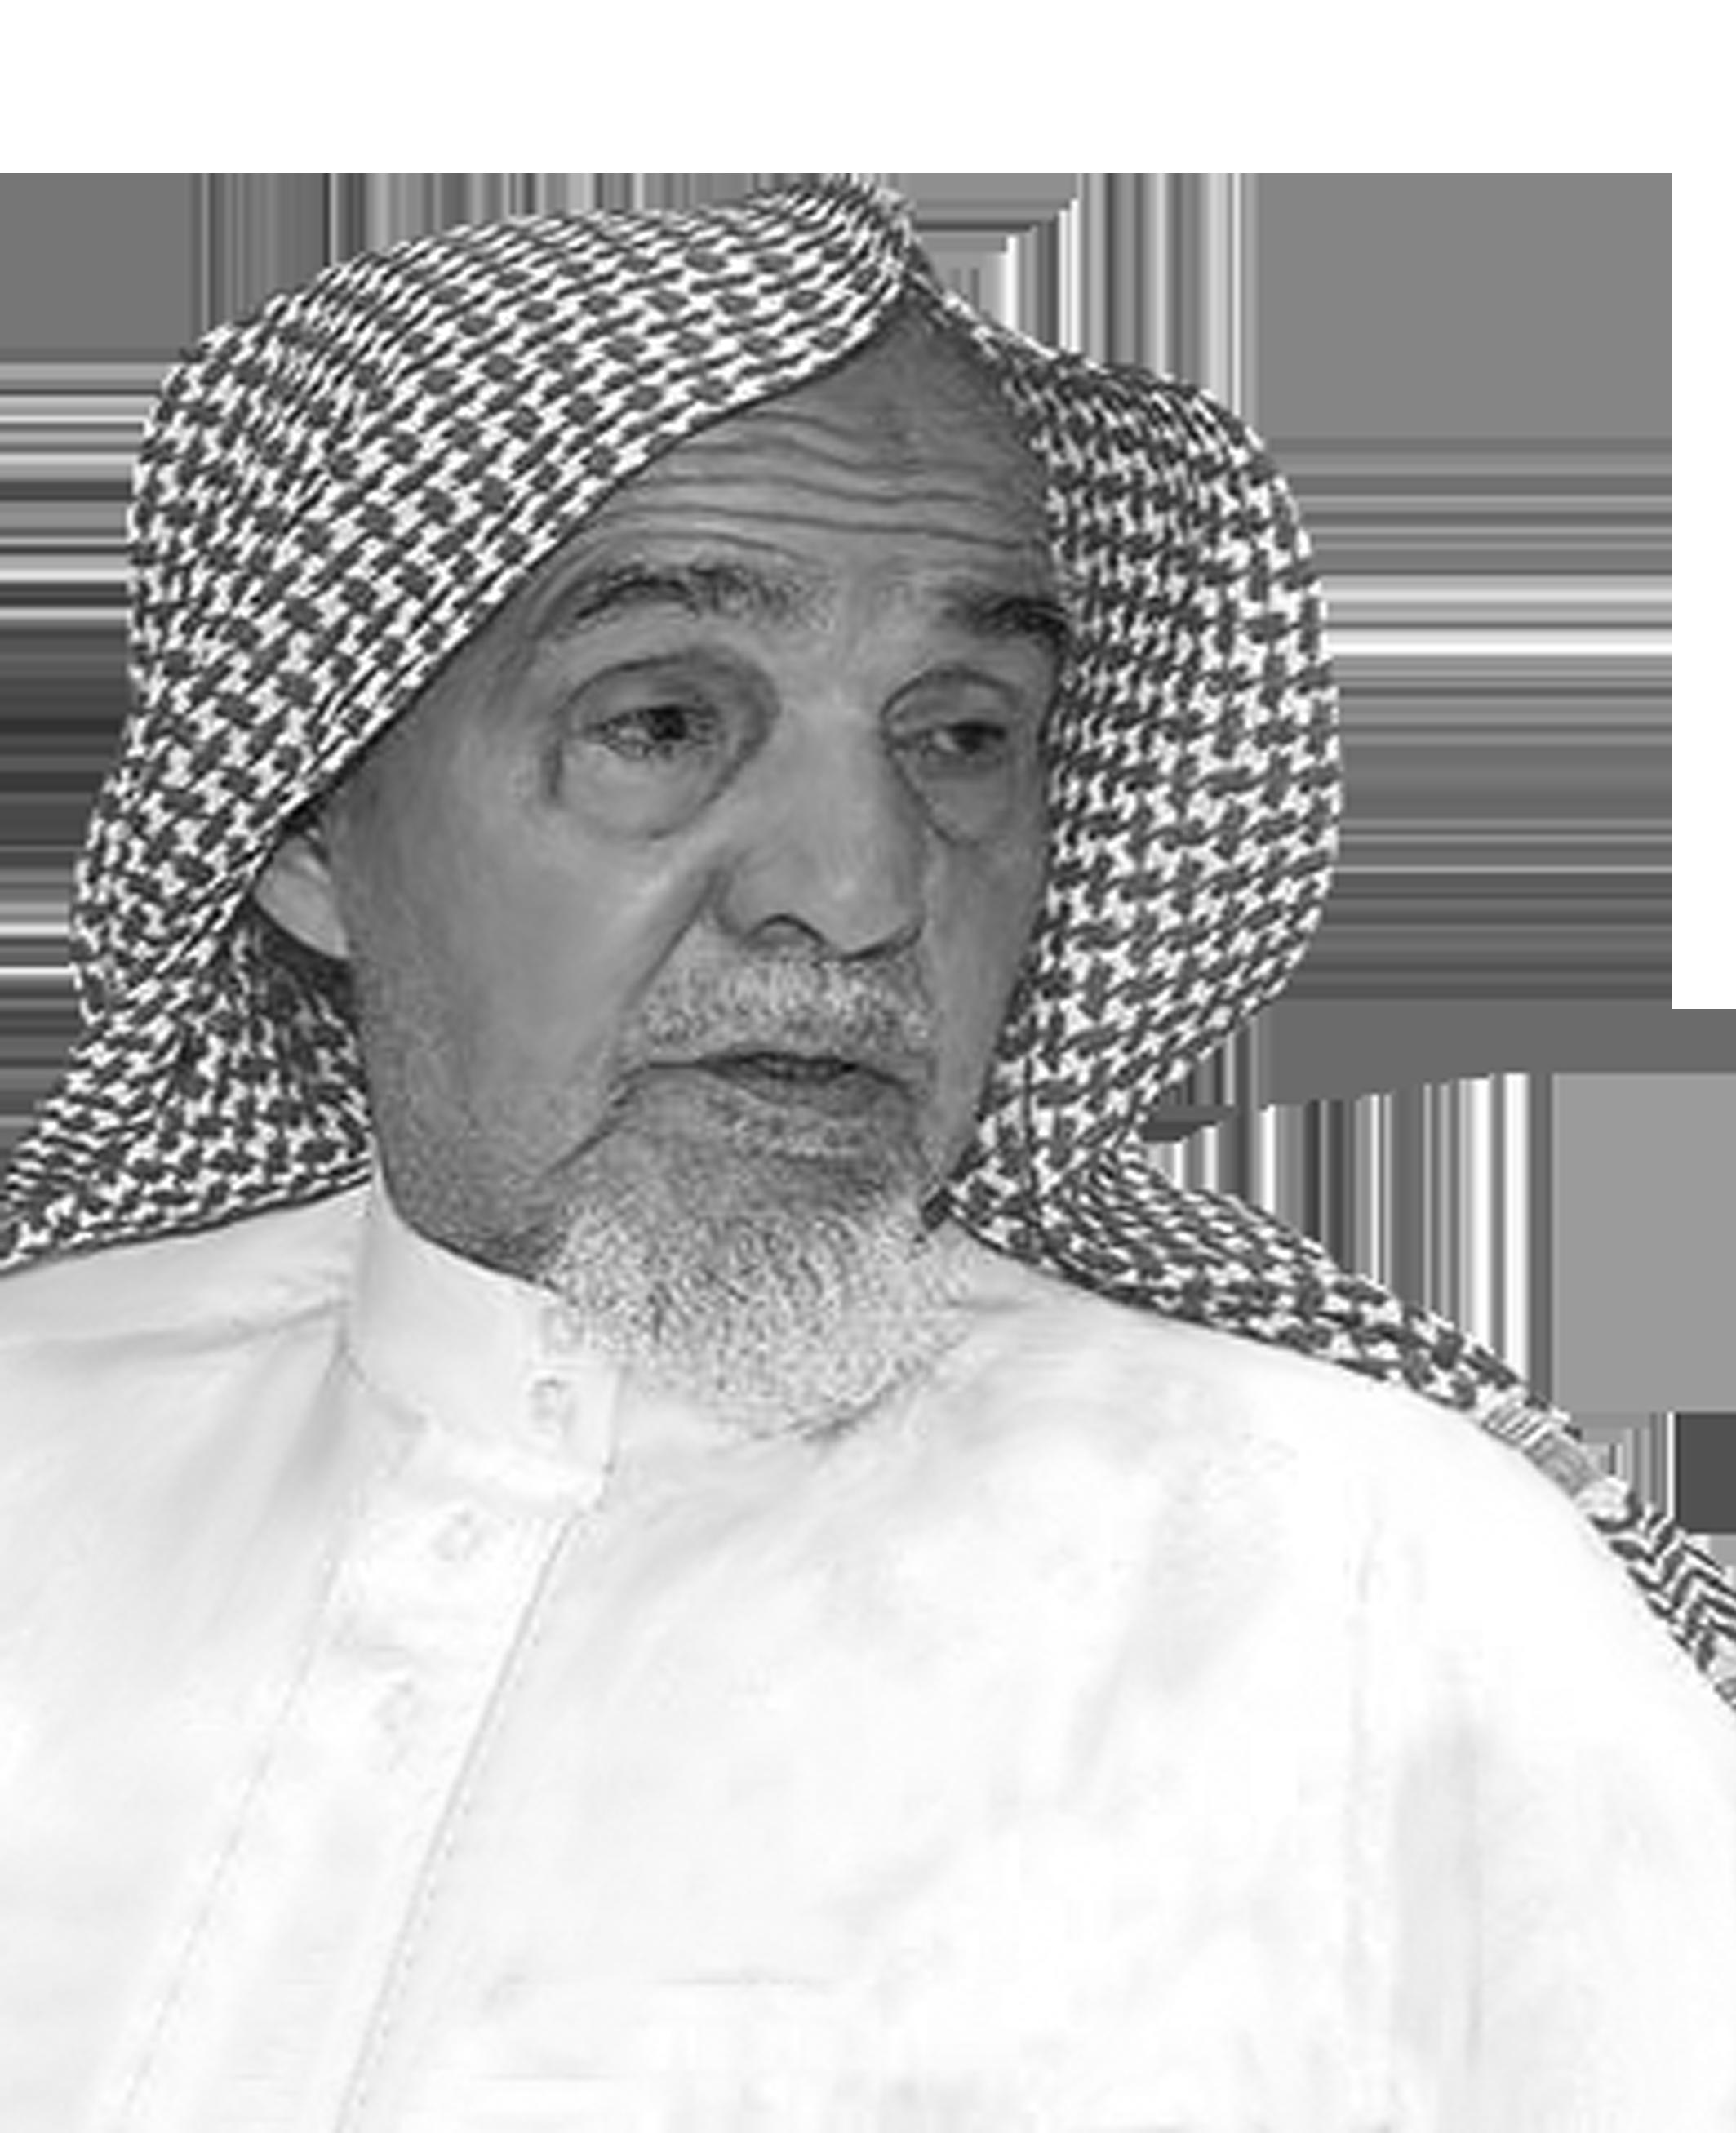 الشيخ عبدالعزيز الموسى